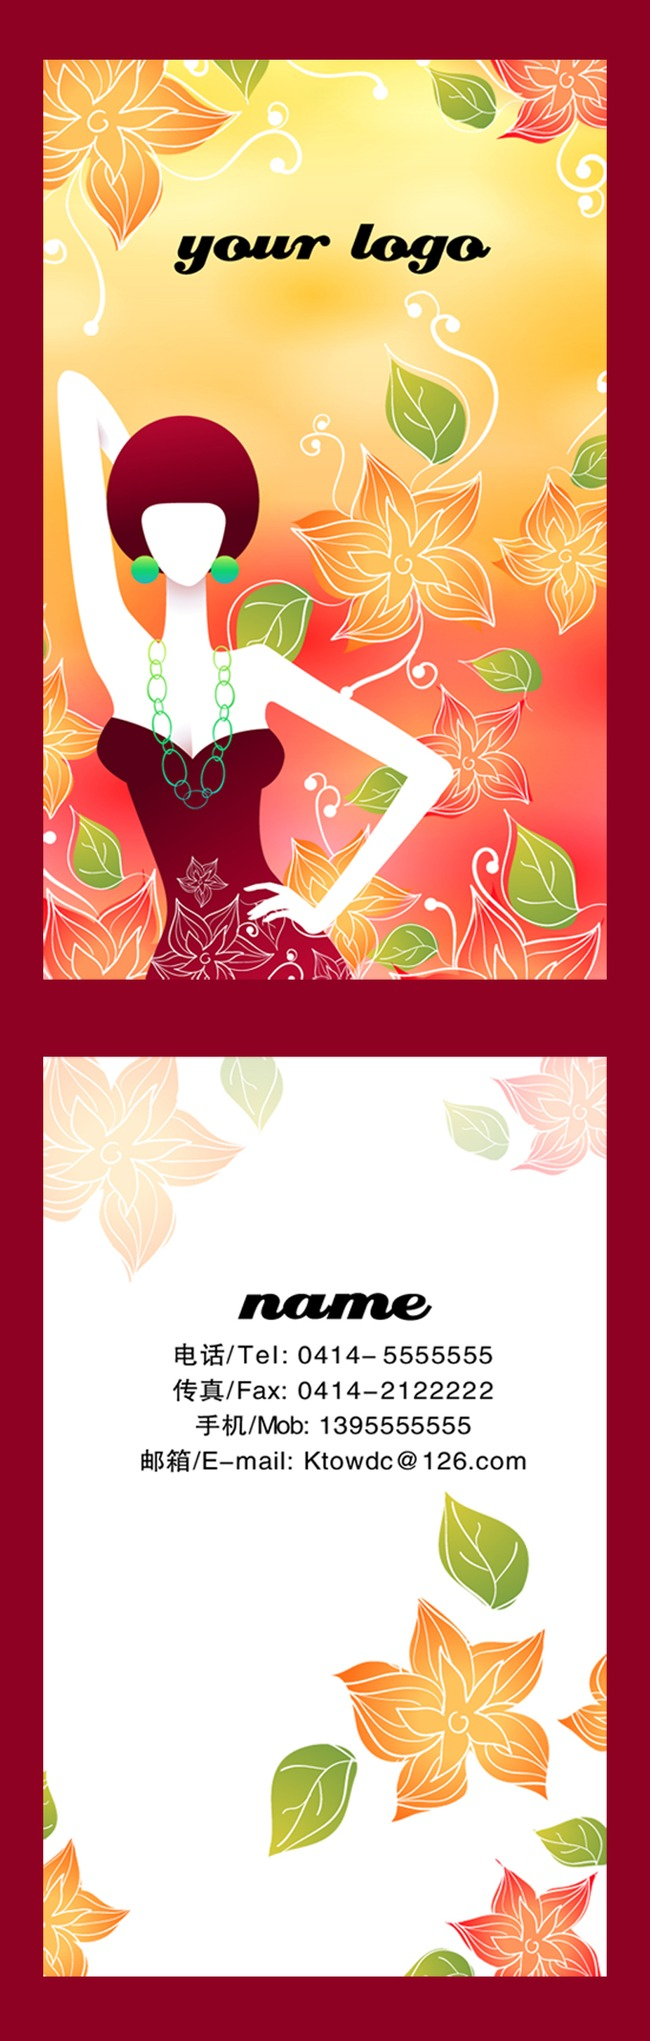 个性名片模板图片下载 个性名片模板 名片 女装名片 花瓣 psd源文件